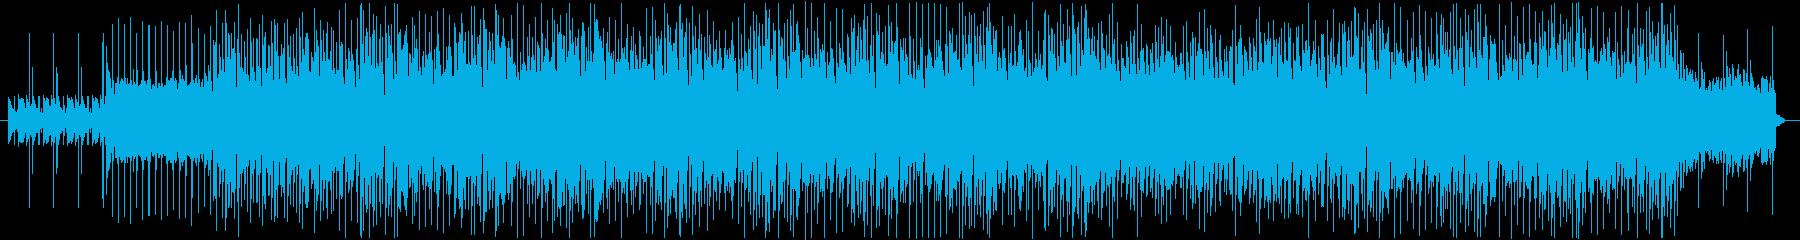 アコギのリズムが爽やかな曲の再生済みの波形